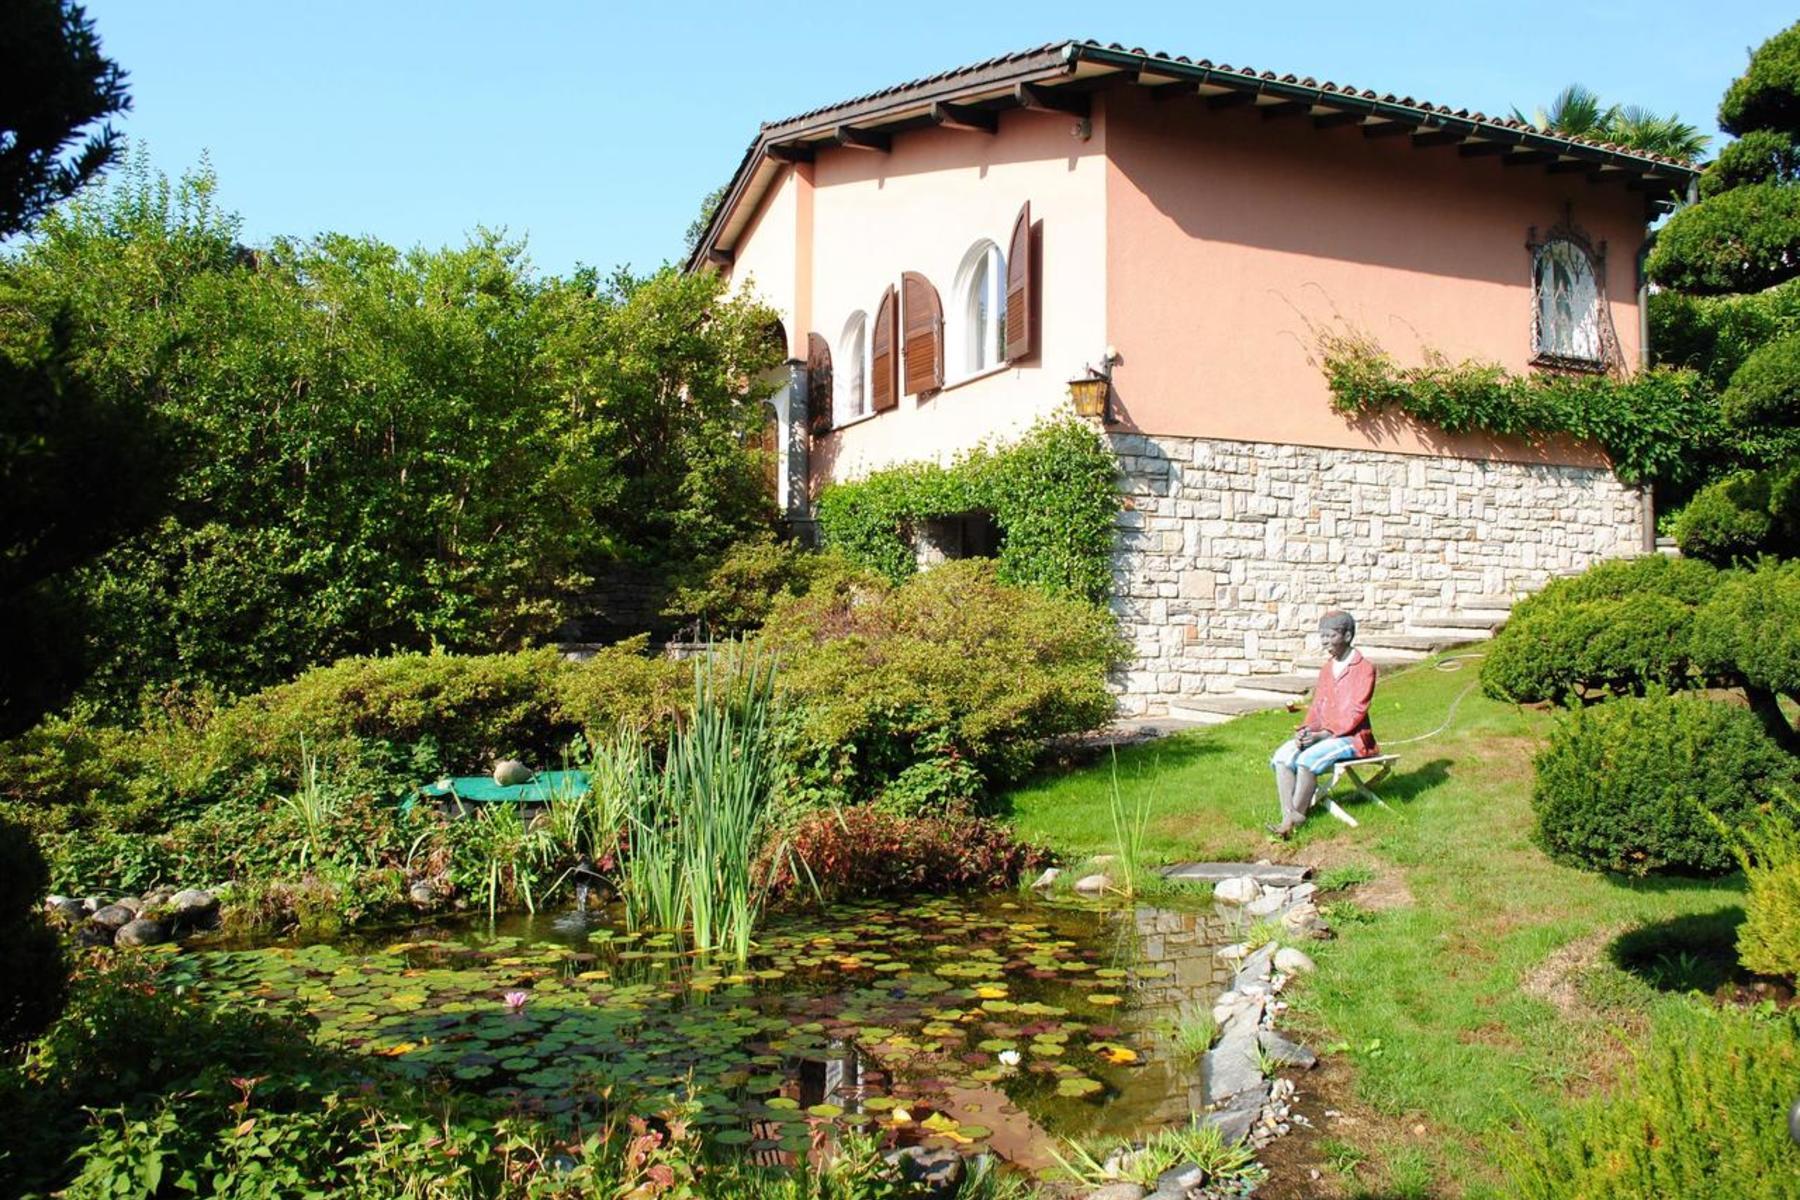 Maison unifamiliale pour l à vendre à Villa with charme Sorengo, Lugano, Ticino, 6900 Suisse